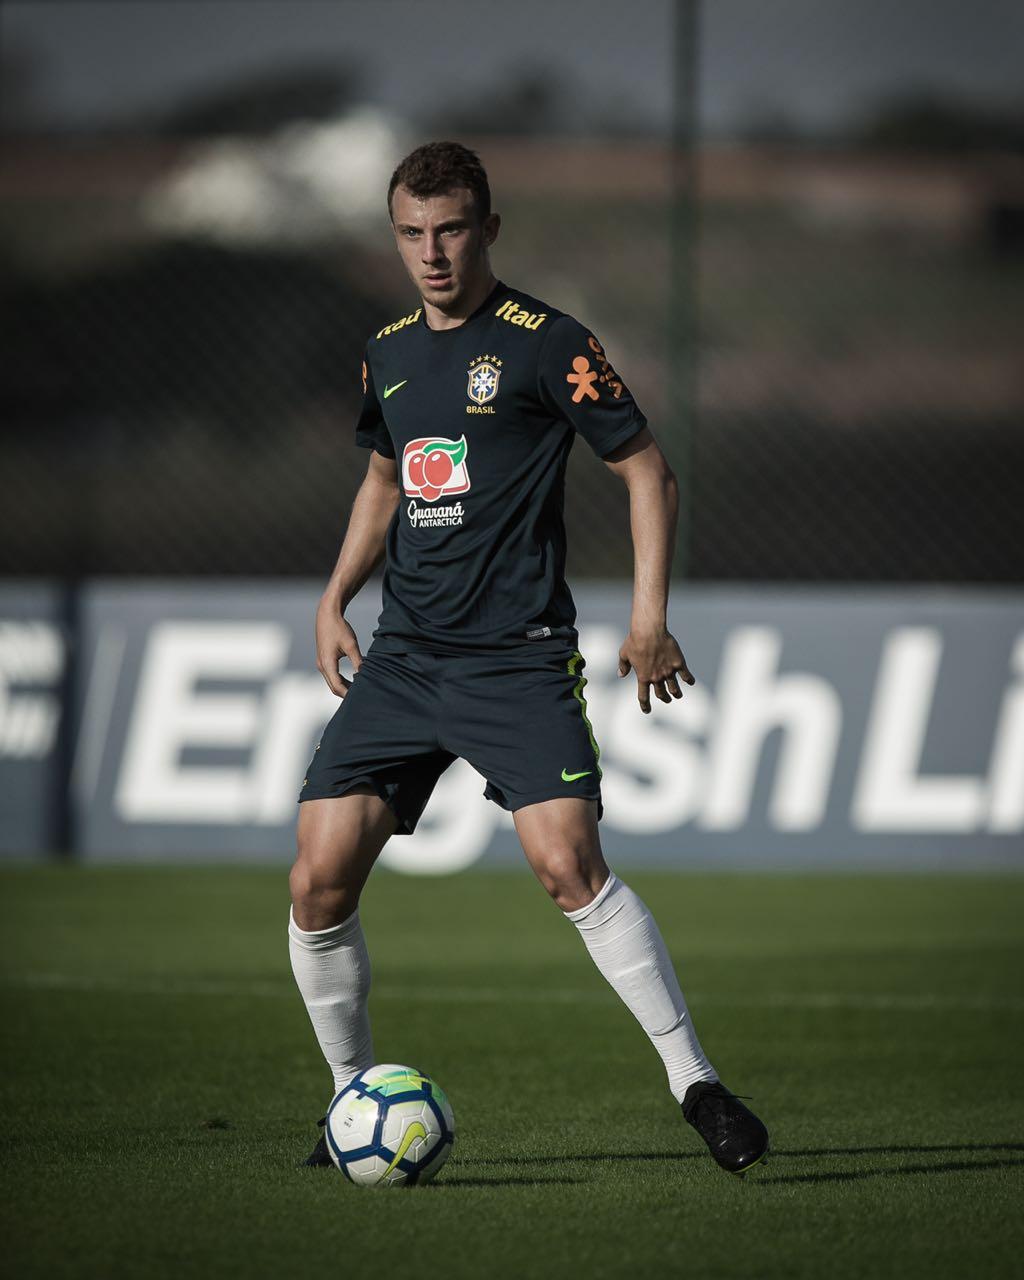 Titular em 2 dos últimos 3 jogos do Corinthians na Série A, Carlos Augusto enaltece convocação para seleção brasileira Sub-20